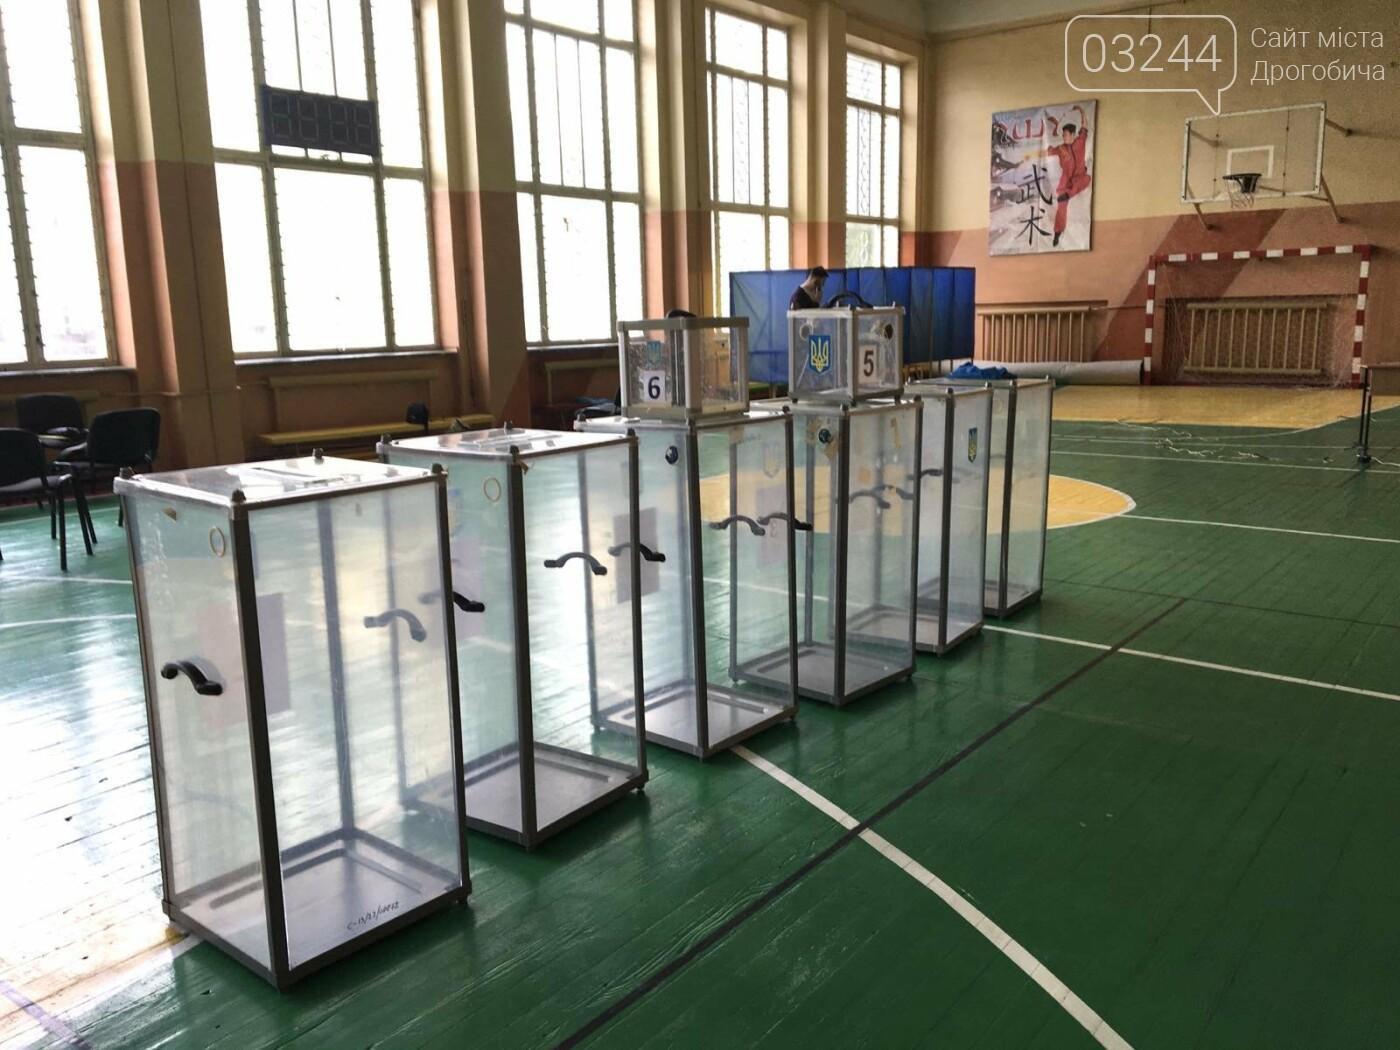 До виборів готові: на дільницях Дрогобича встановили кабінки та урни і завезли бюлетені, - ВІДЕО, ФОТО, фото-5